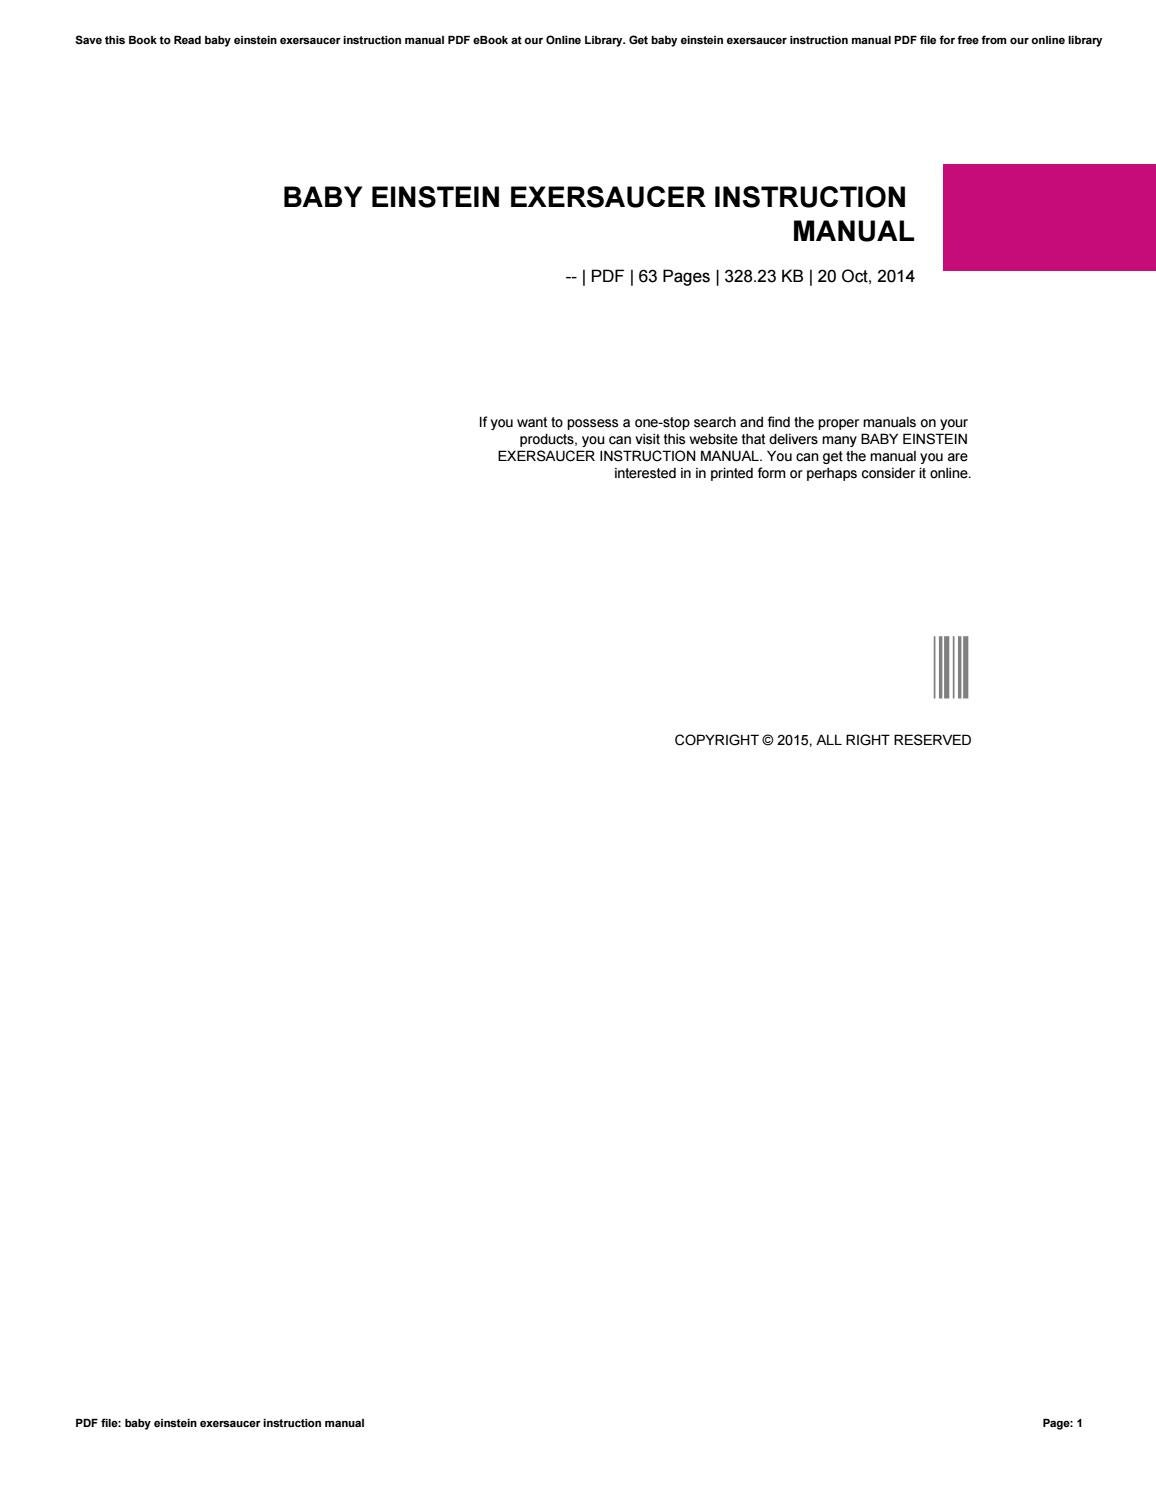 Baby einstein exersaucer instruction manual.